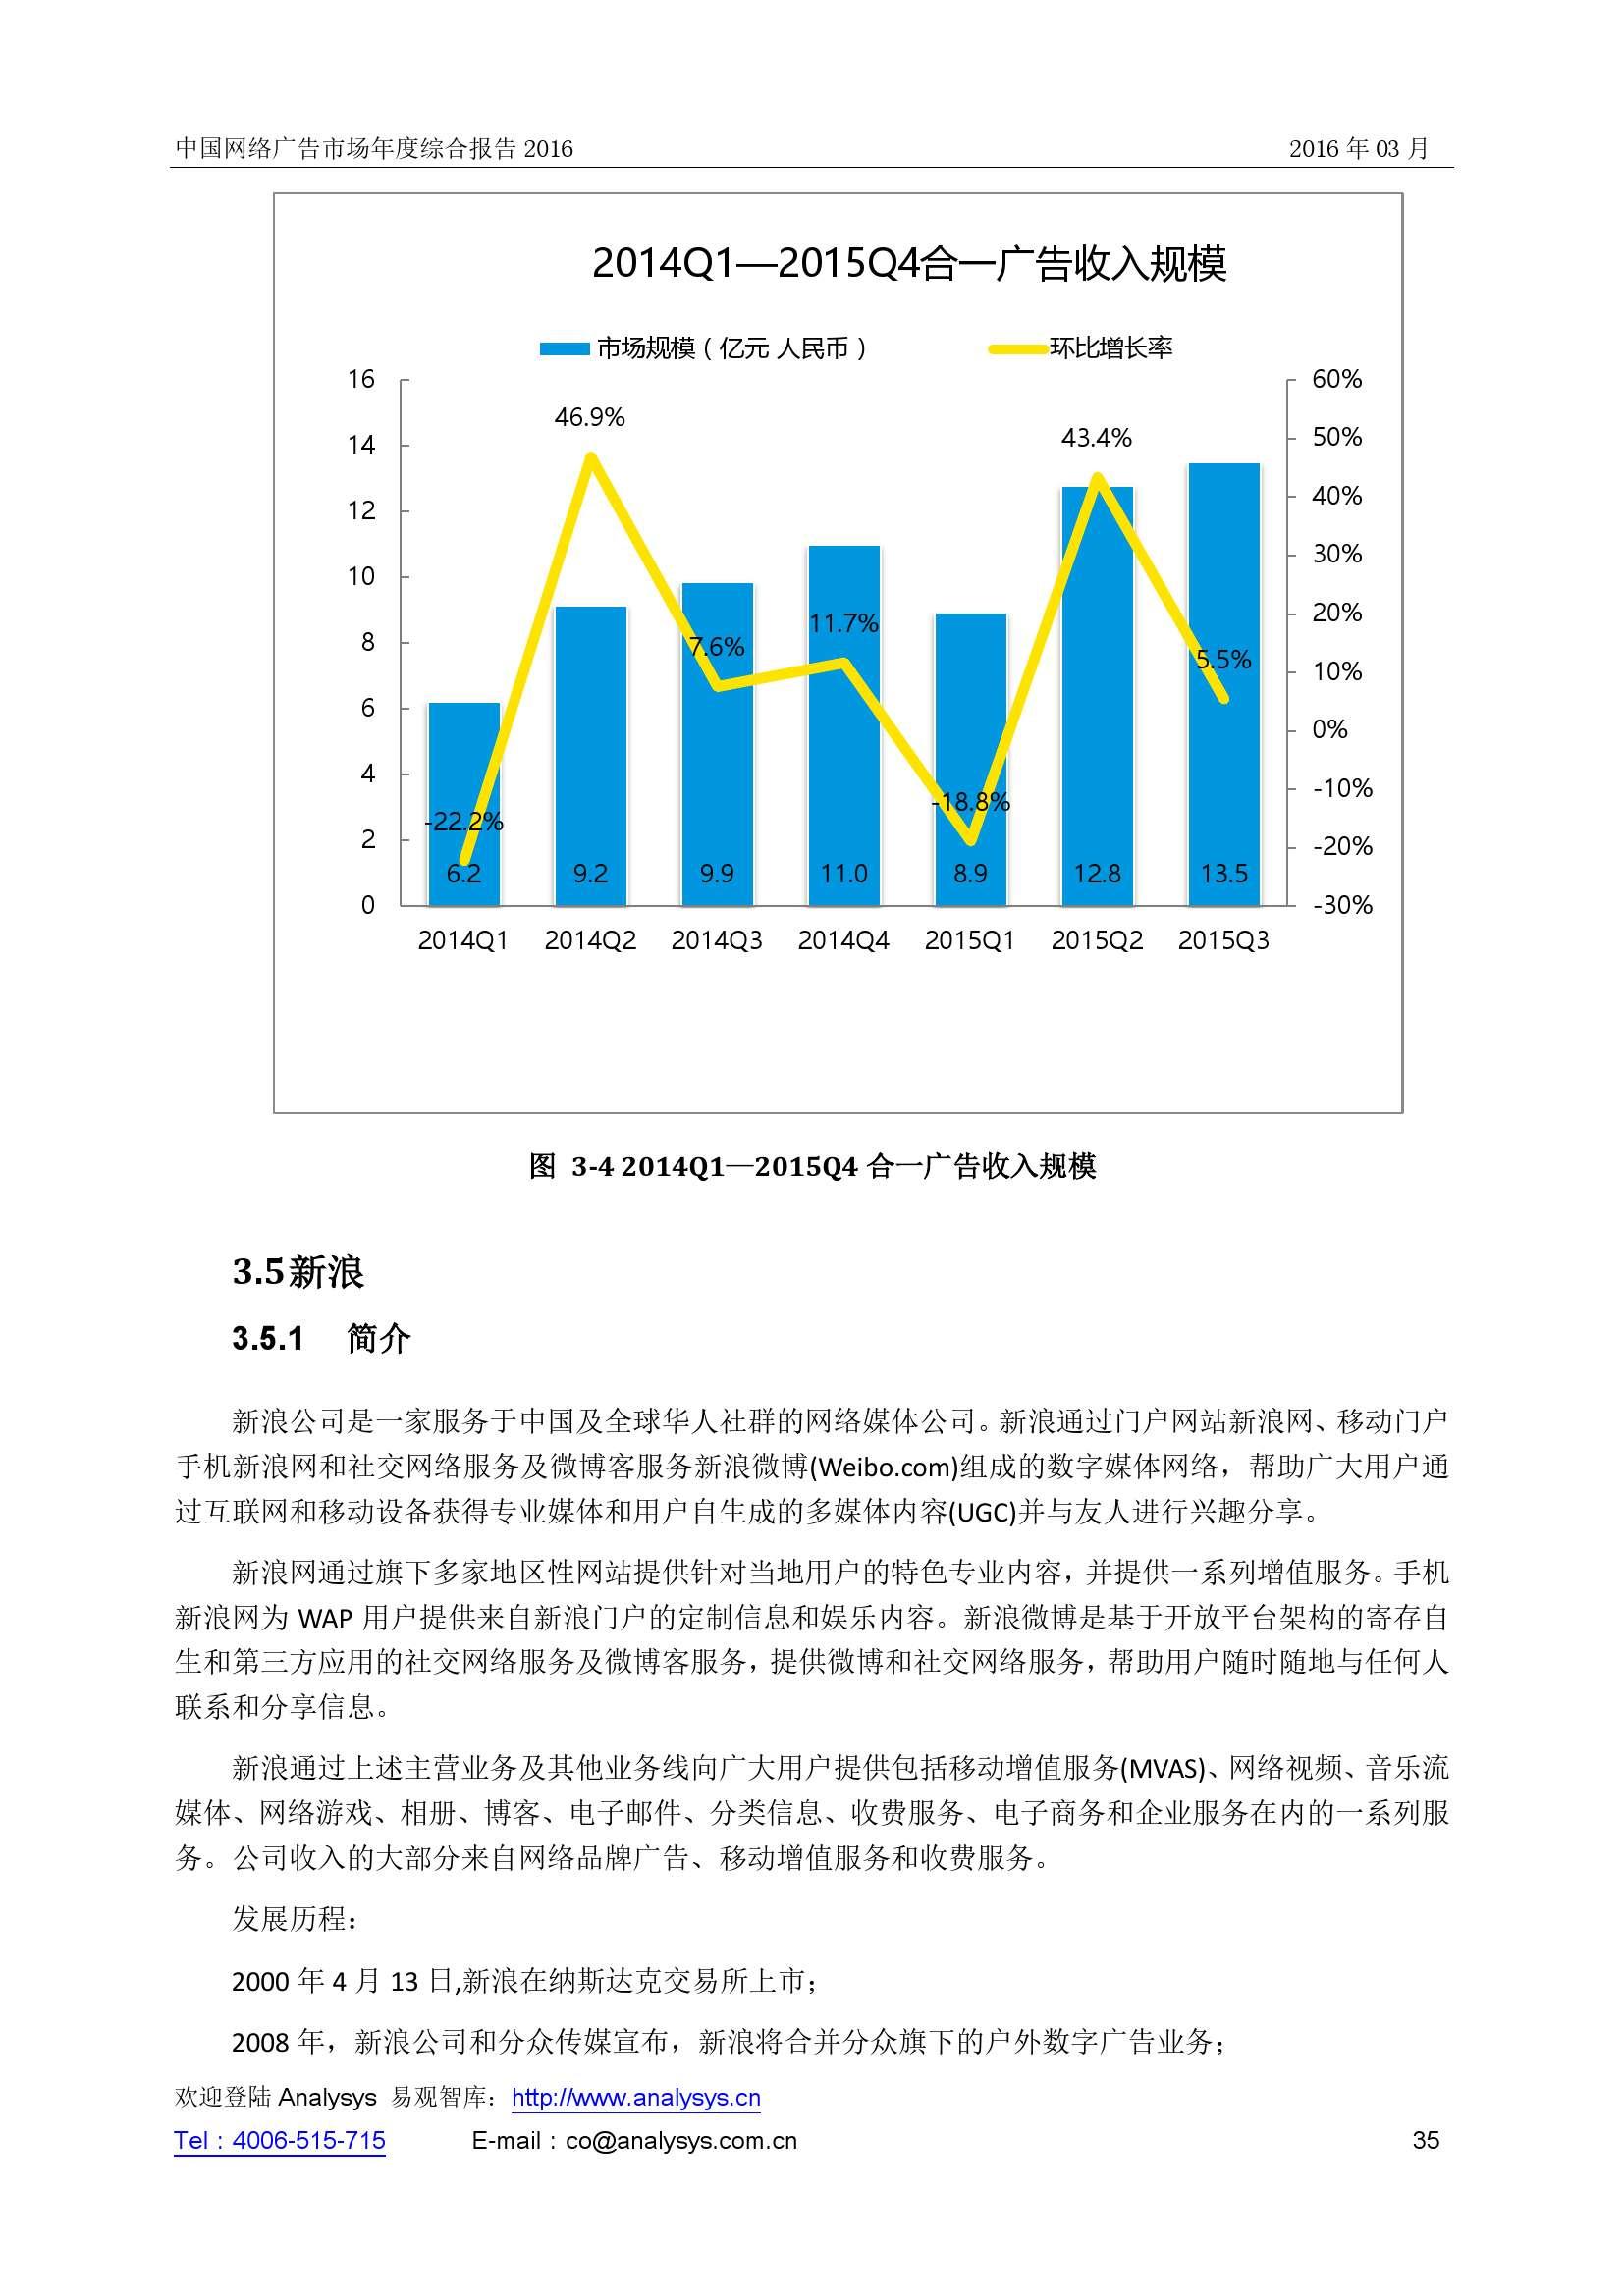 中国网络广告市场年度综合报告2016_000035